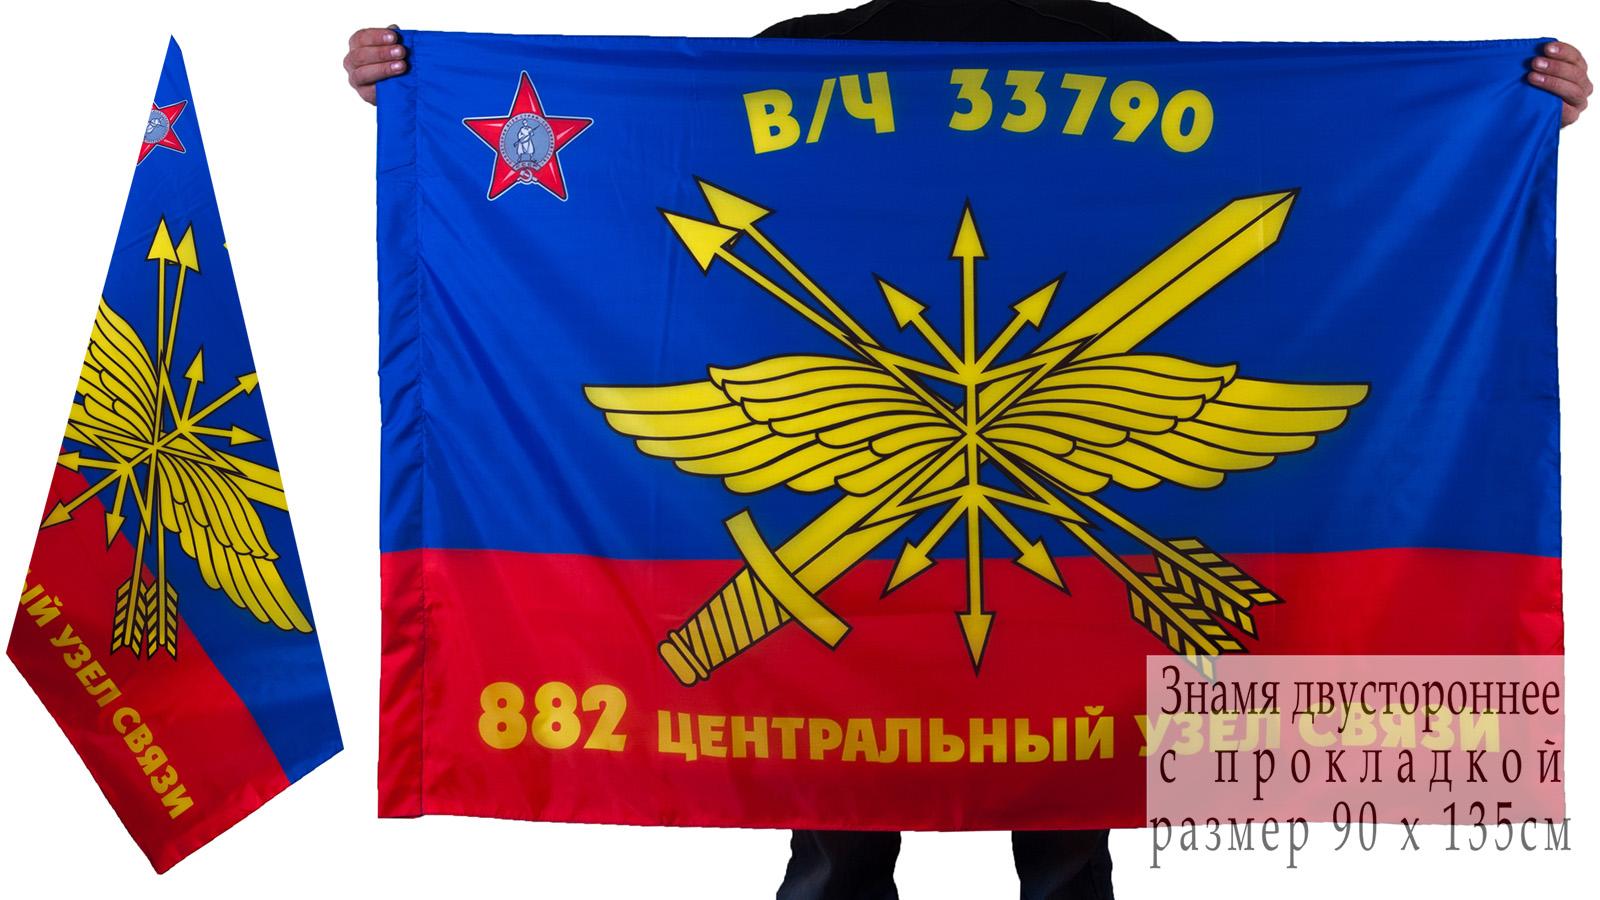 Знамя 882-го центрального узла связи РВСН